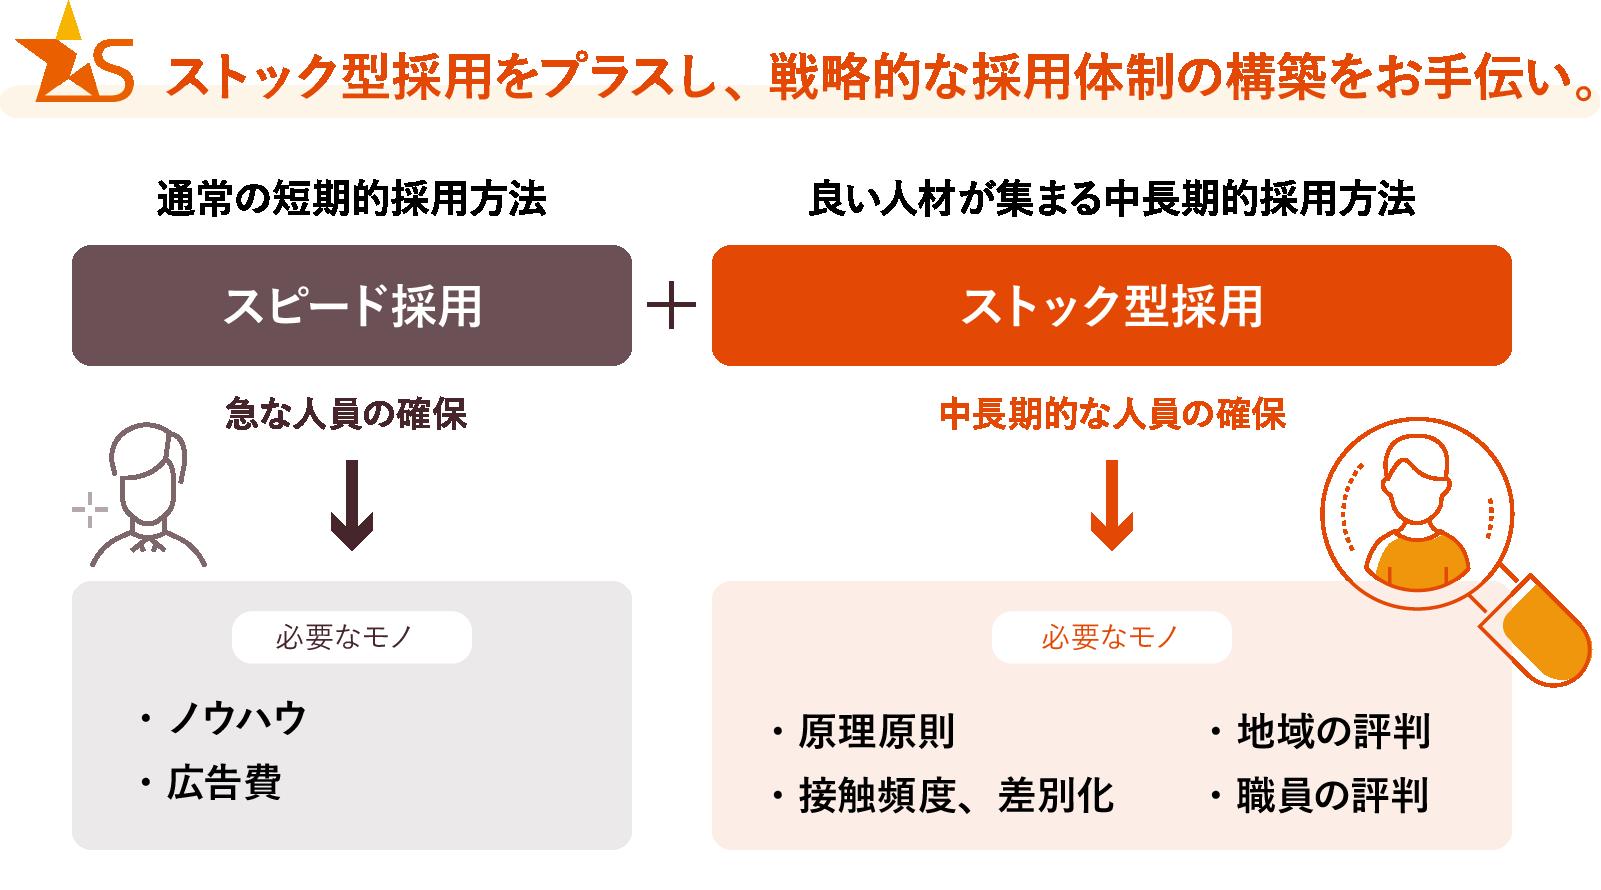 ストック型採用をプラスし、戦略的な採用体制の構築をお手伝い。図解イメージ